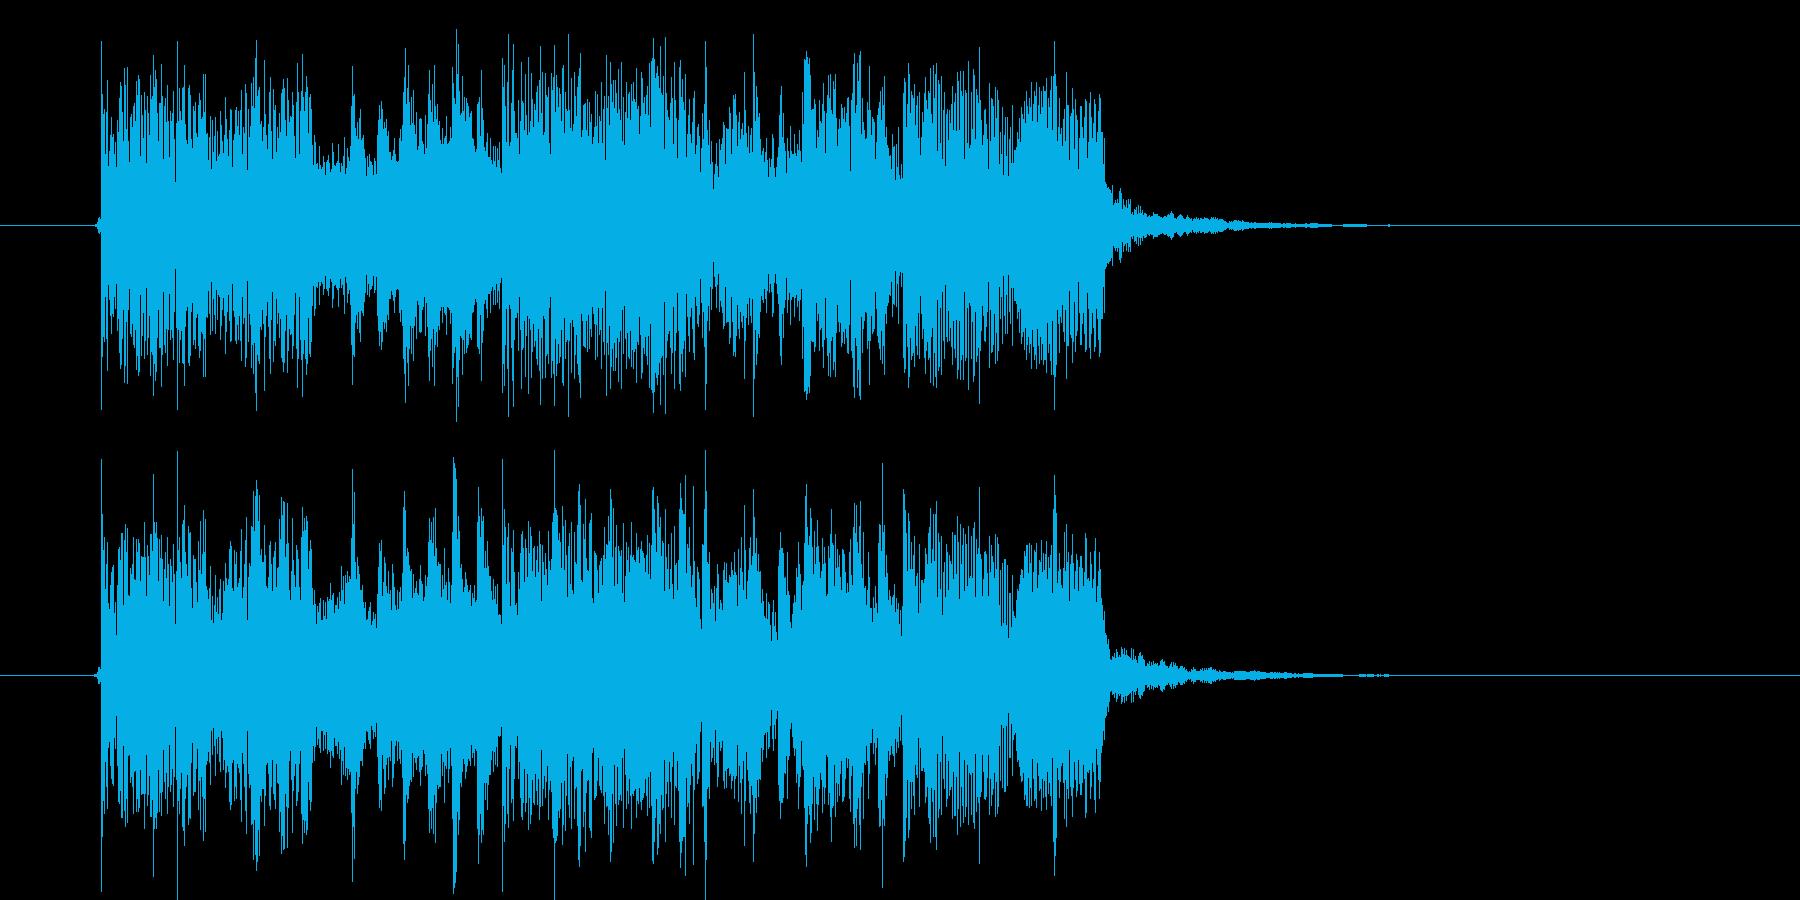 クールなグルーヴ感のあるテクノのジングルの再生済みの波形